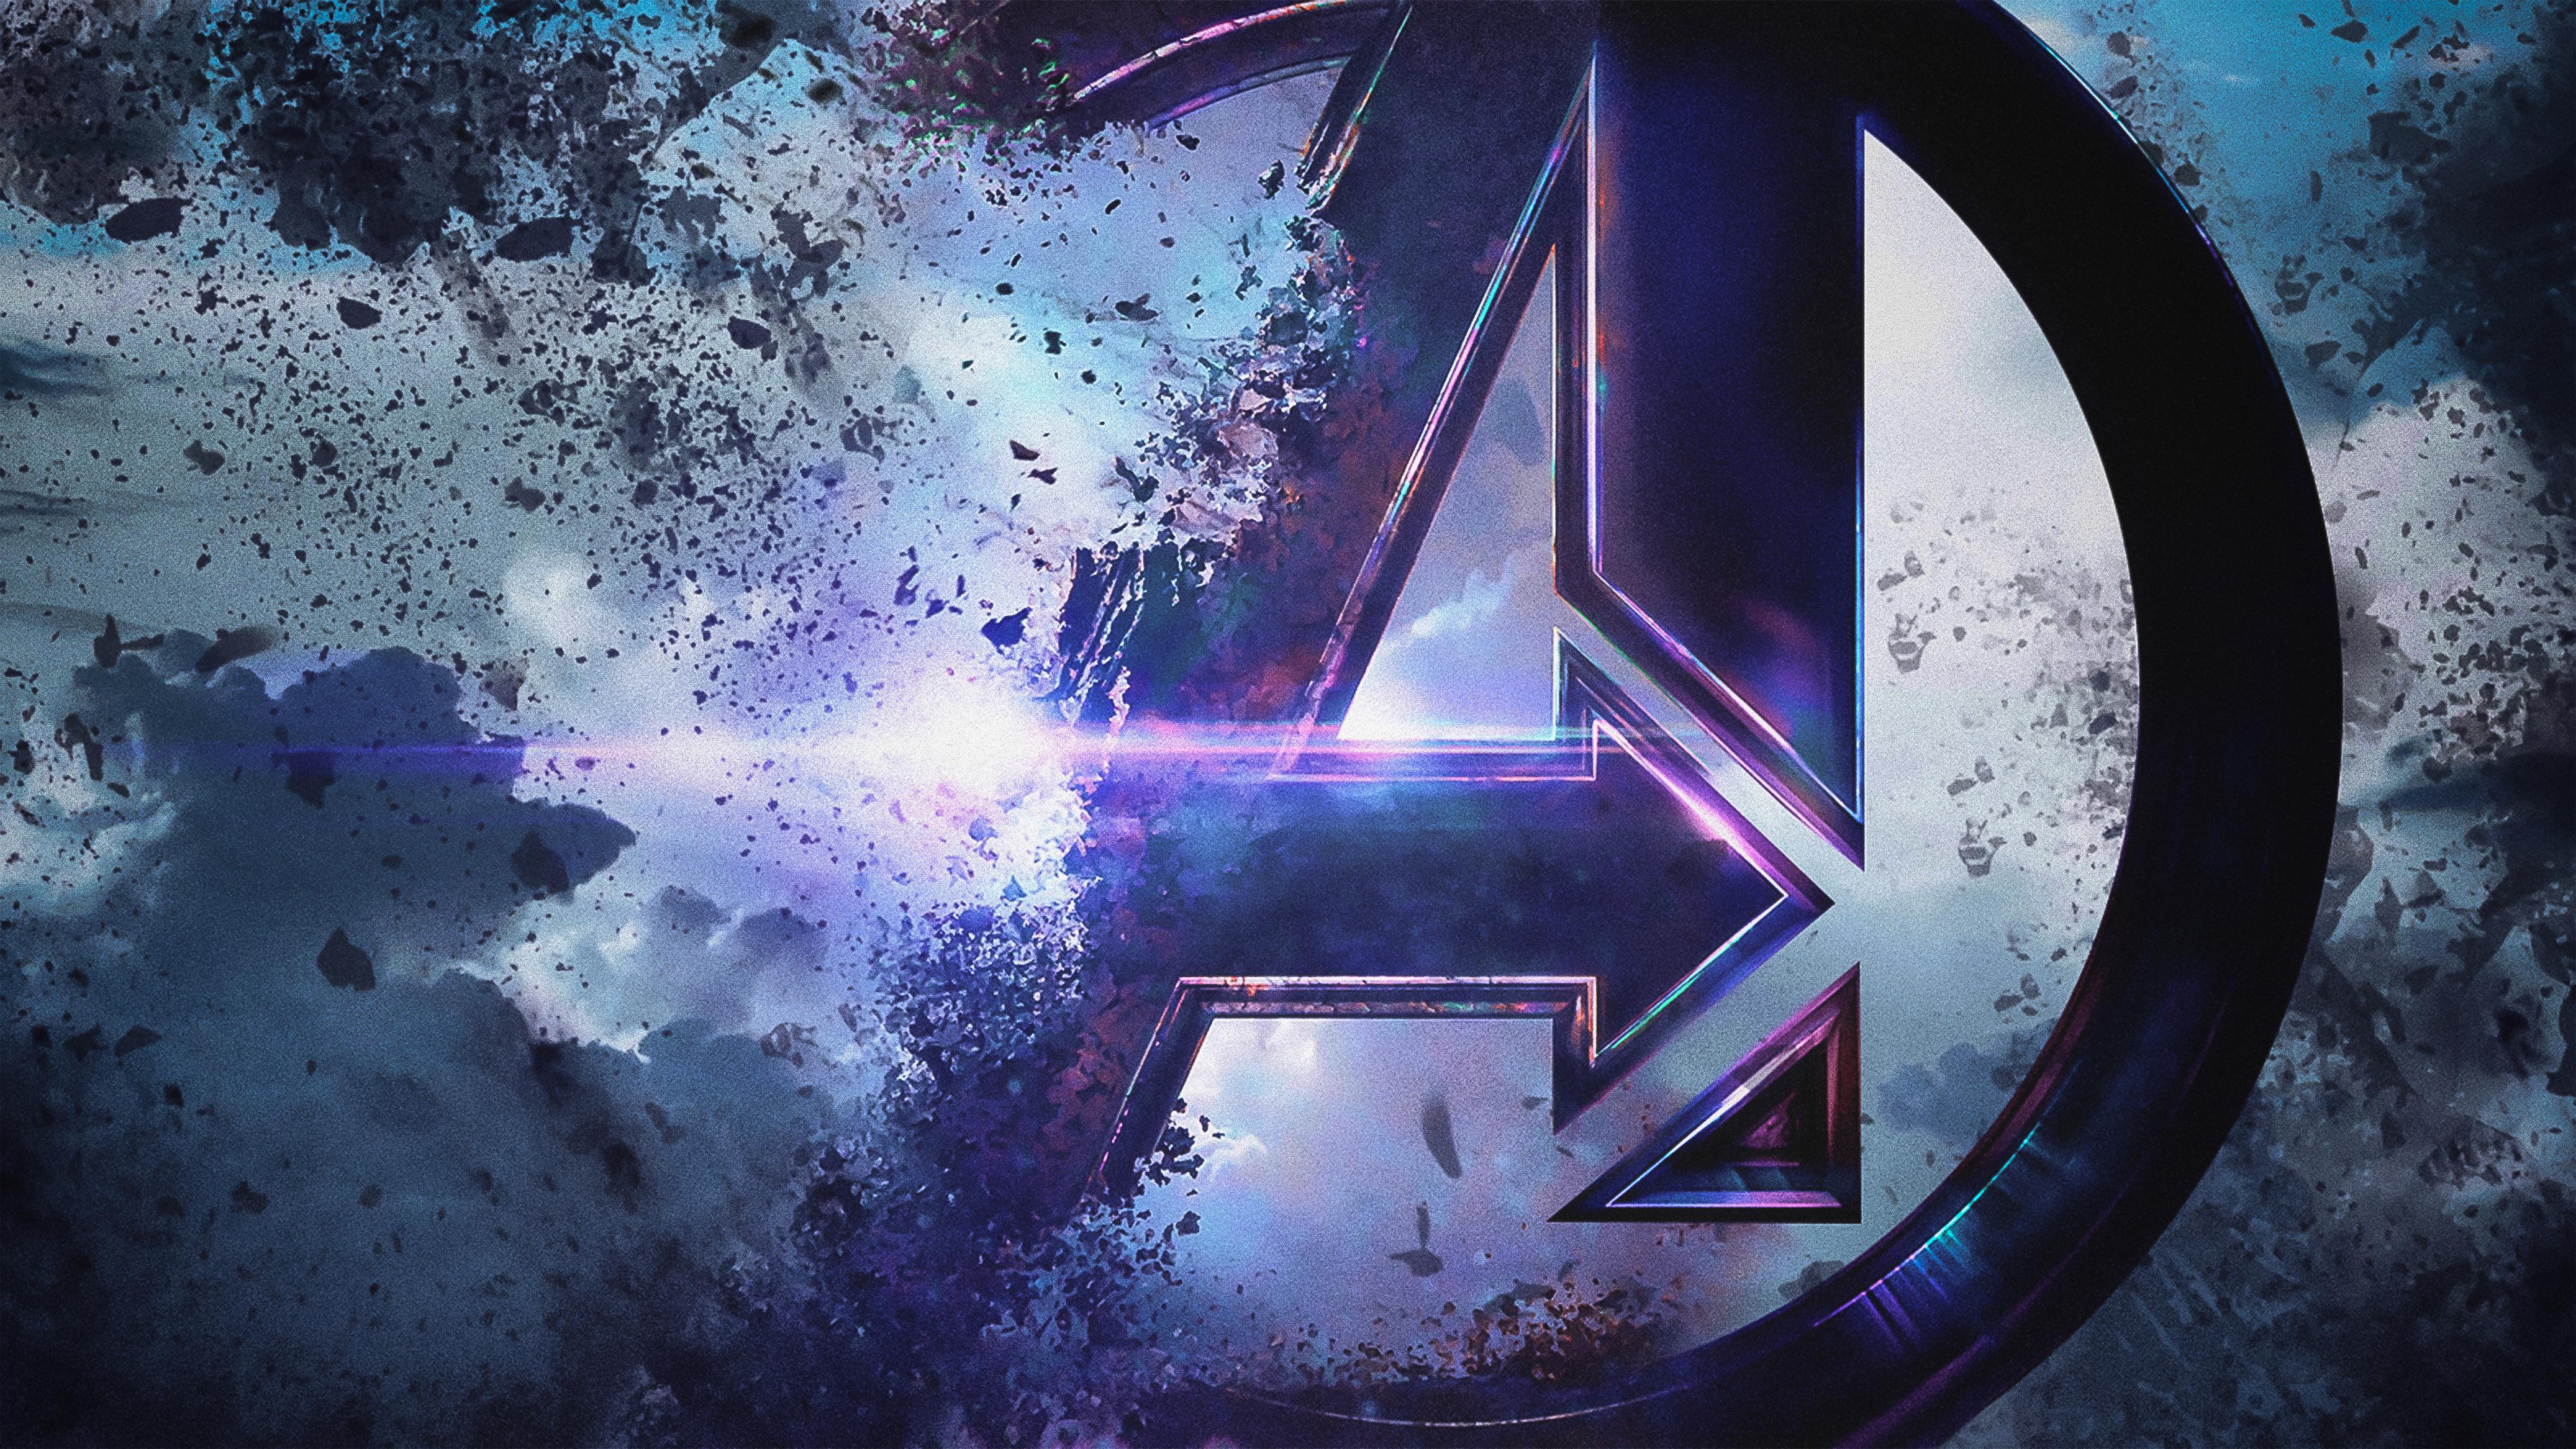 Avengers Endgame 4k Wallpaper Marvel Comics Movies 936